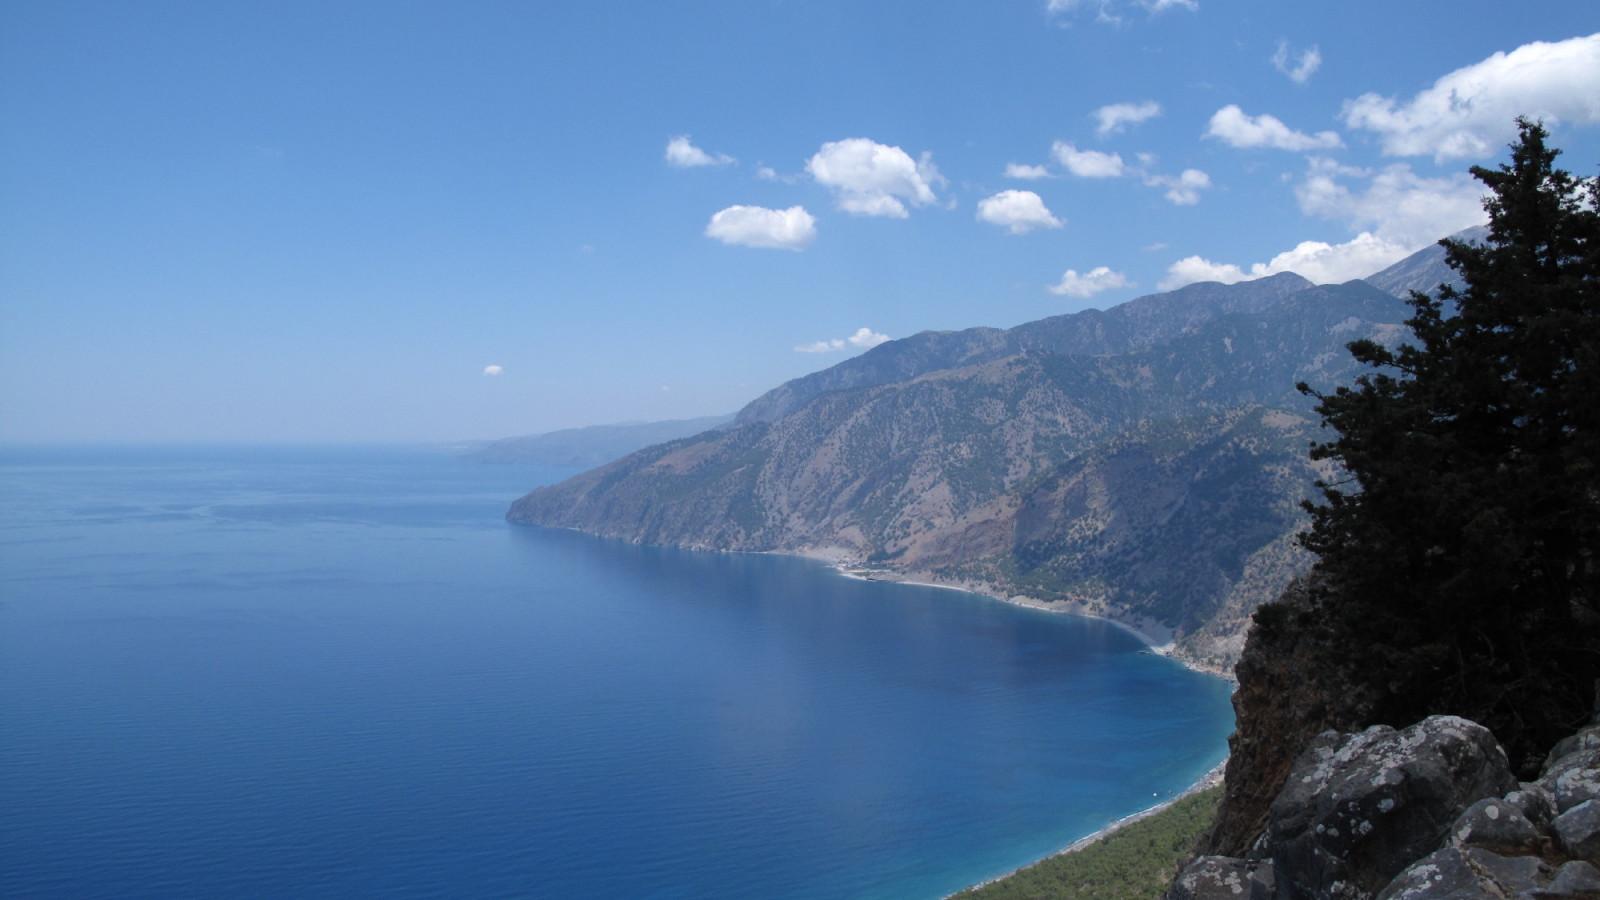 View towards Agia Roumeli